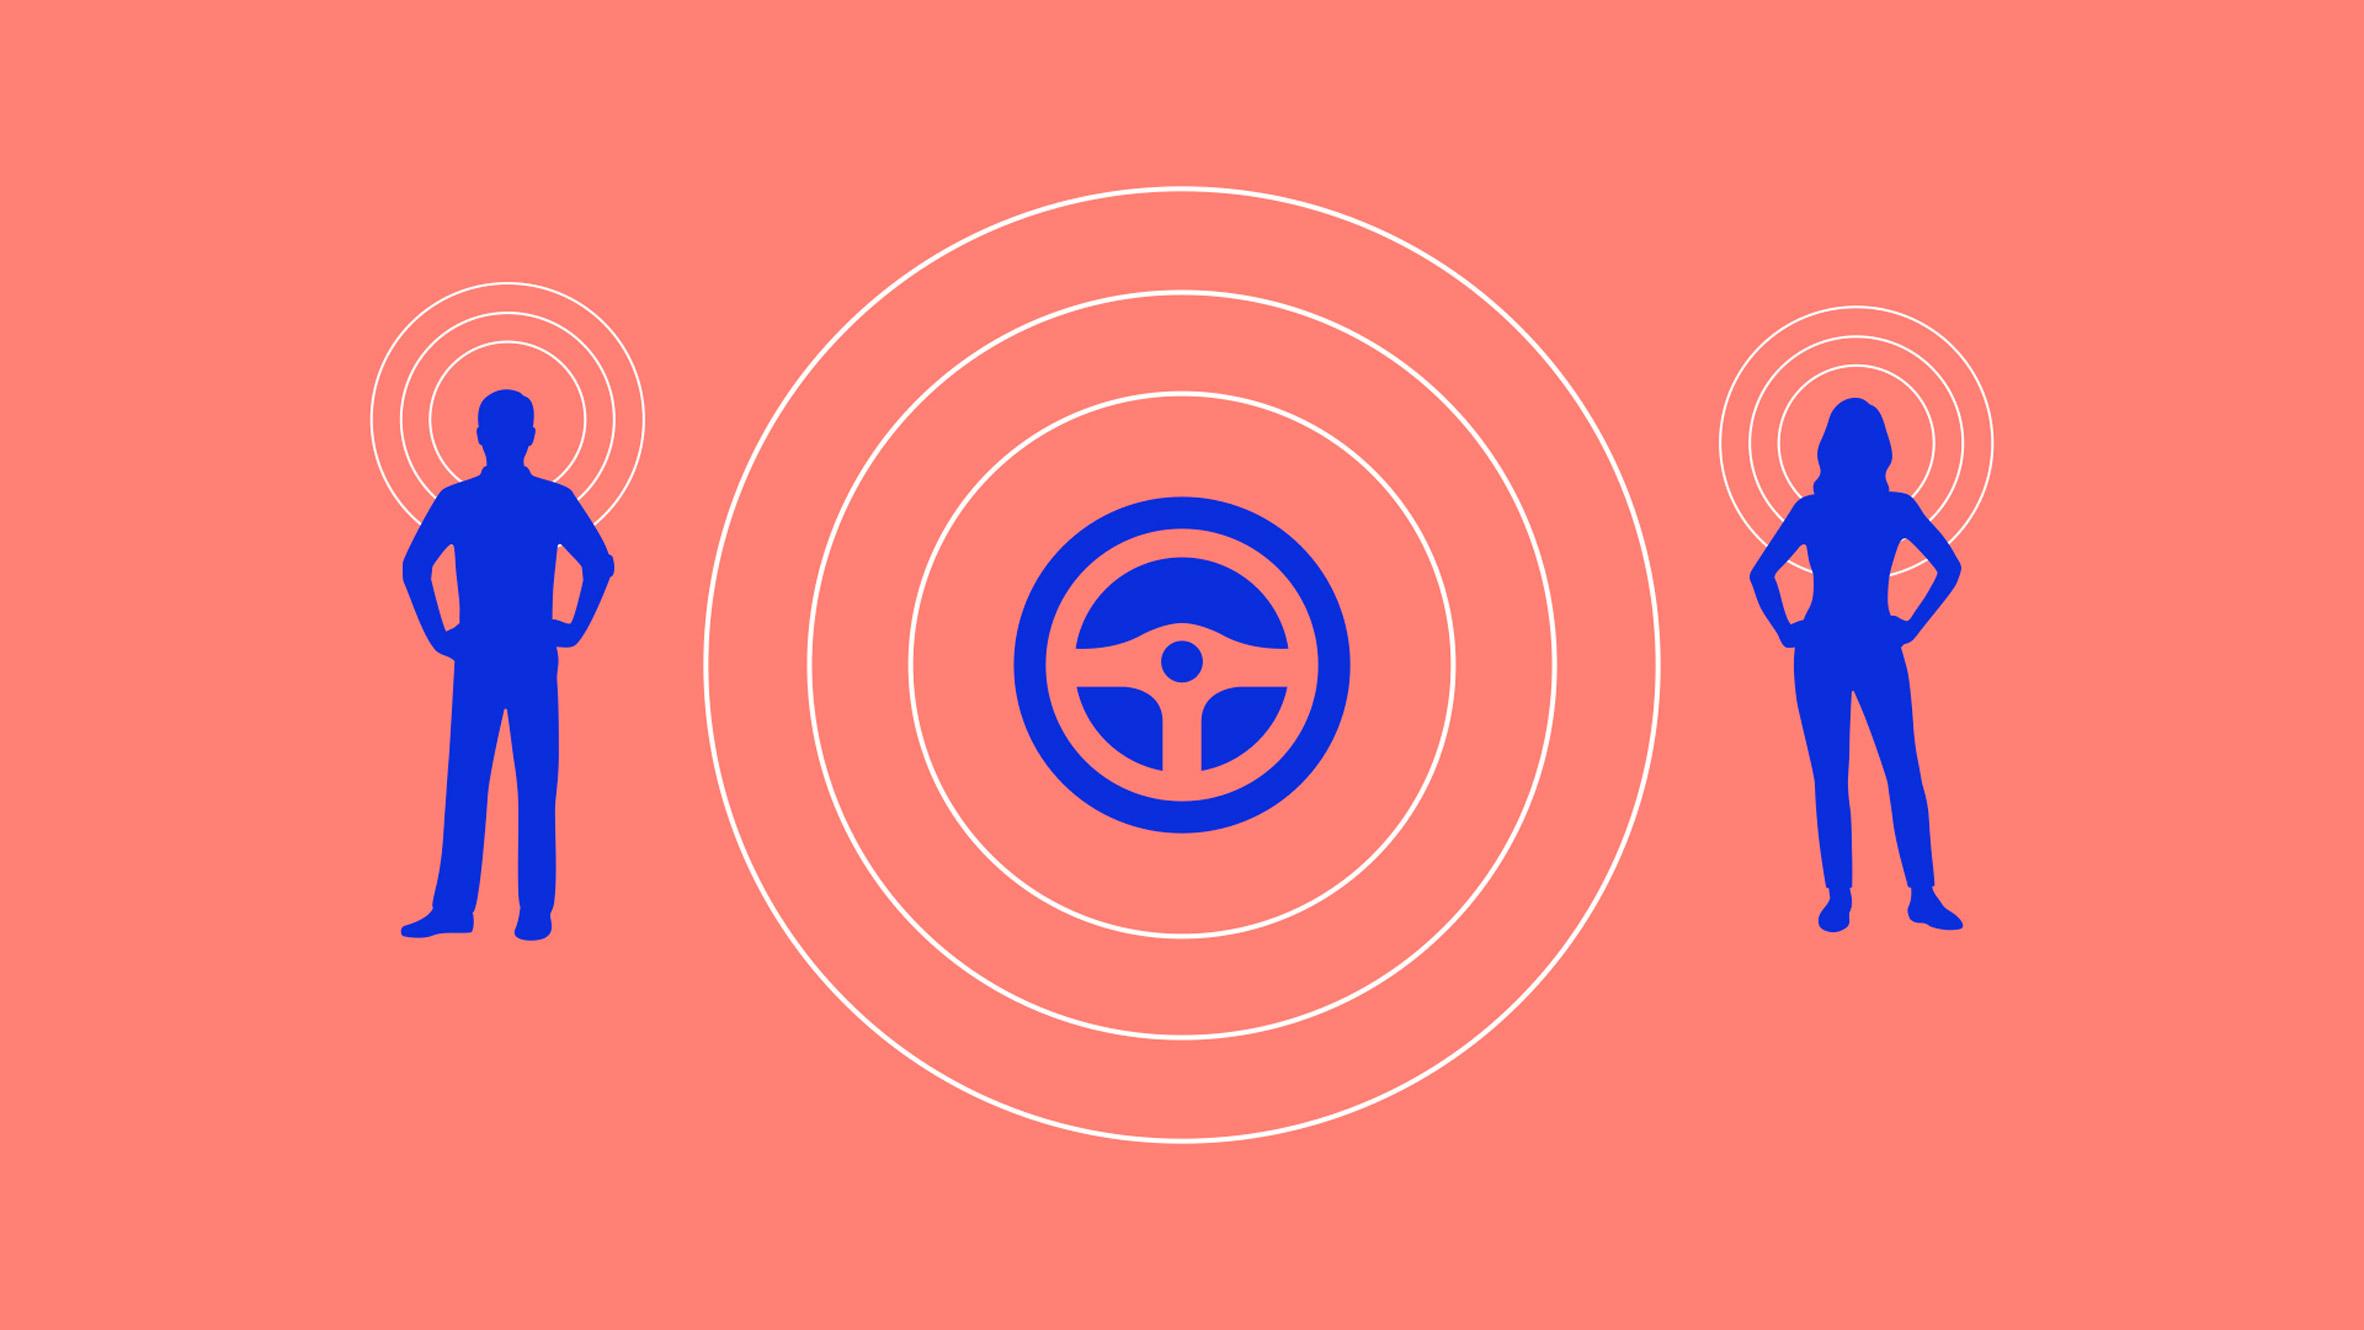 Graphic illustrating Yuri Suzuki's sound design for electric cars